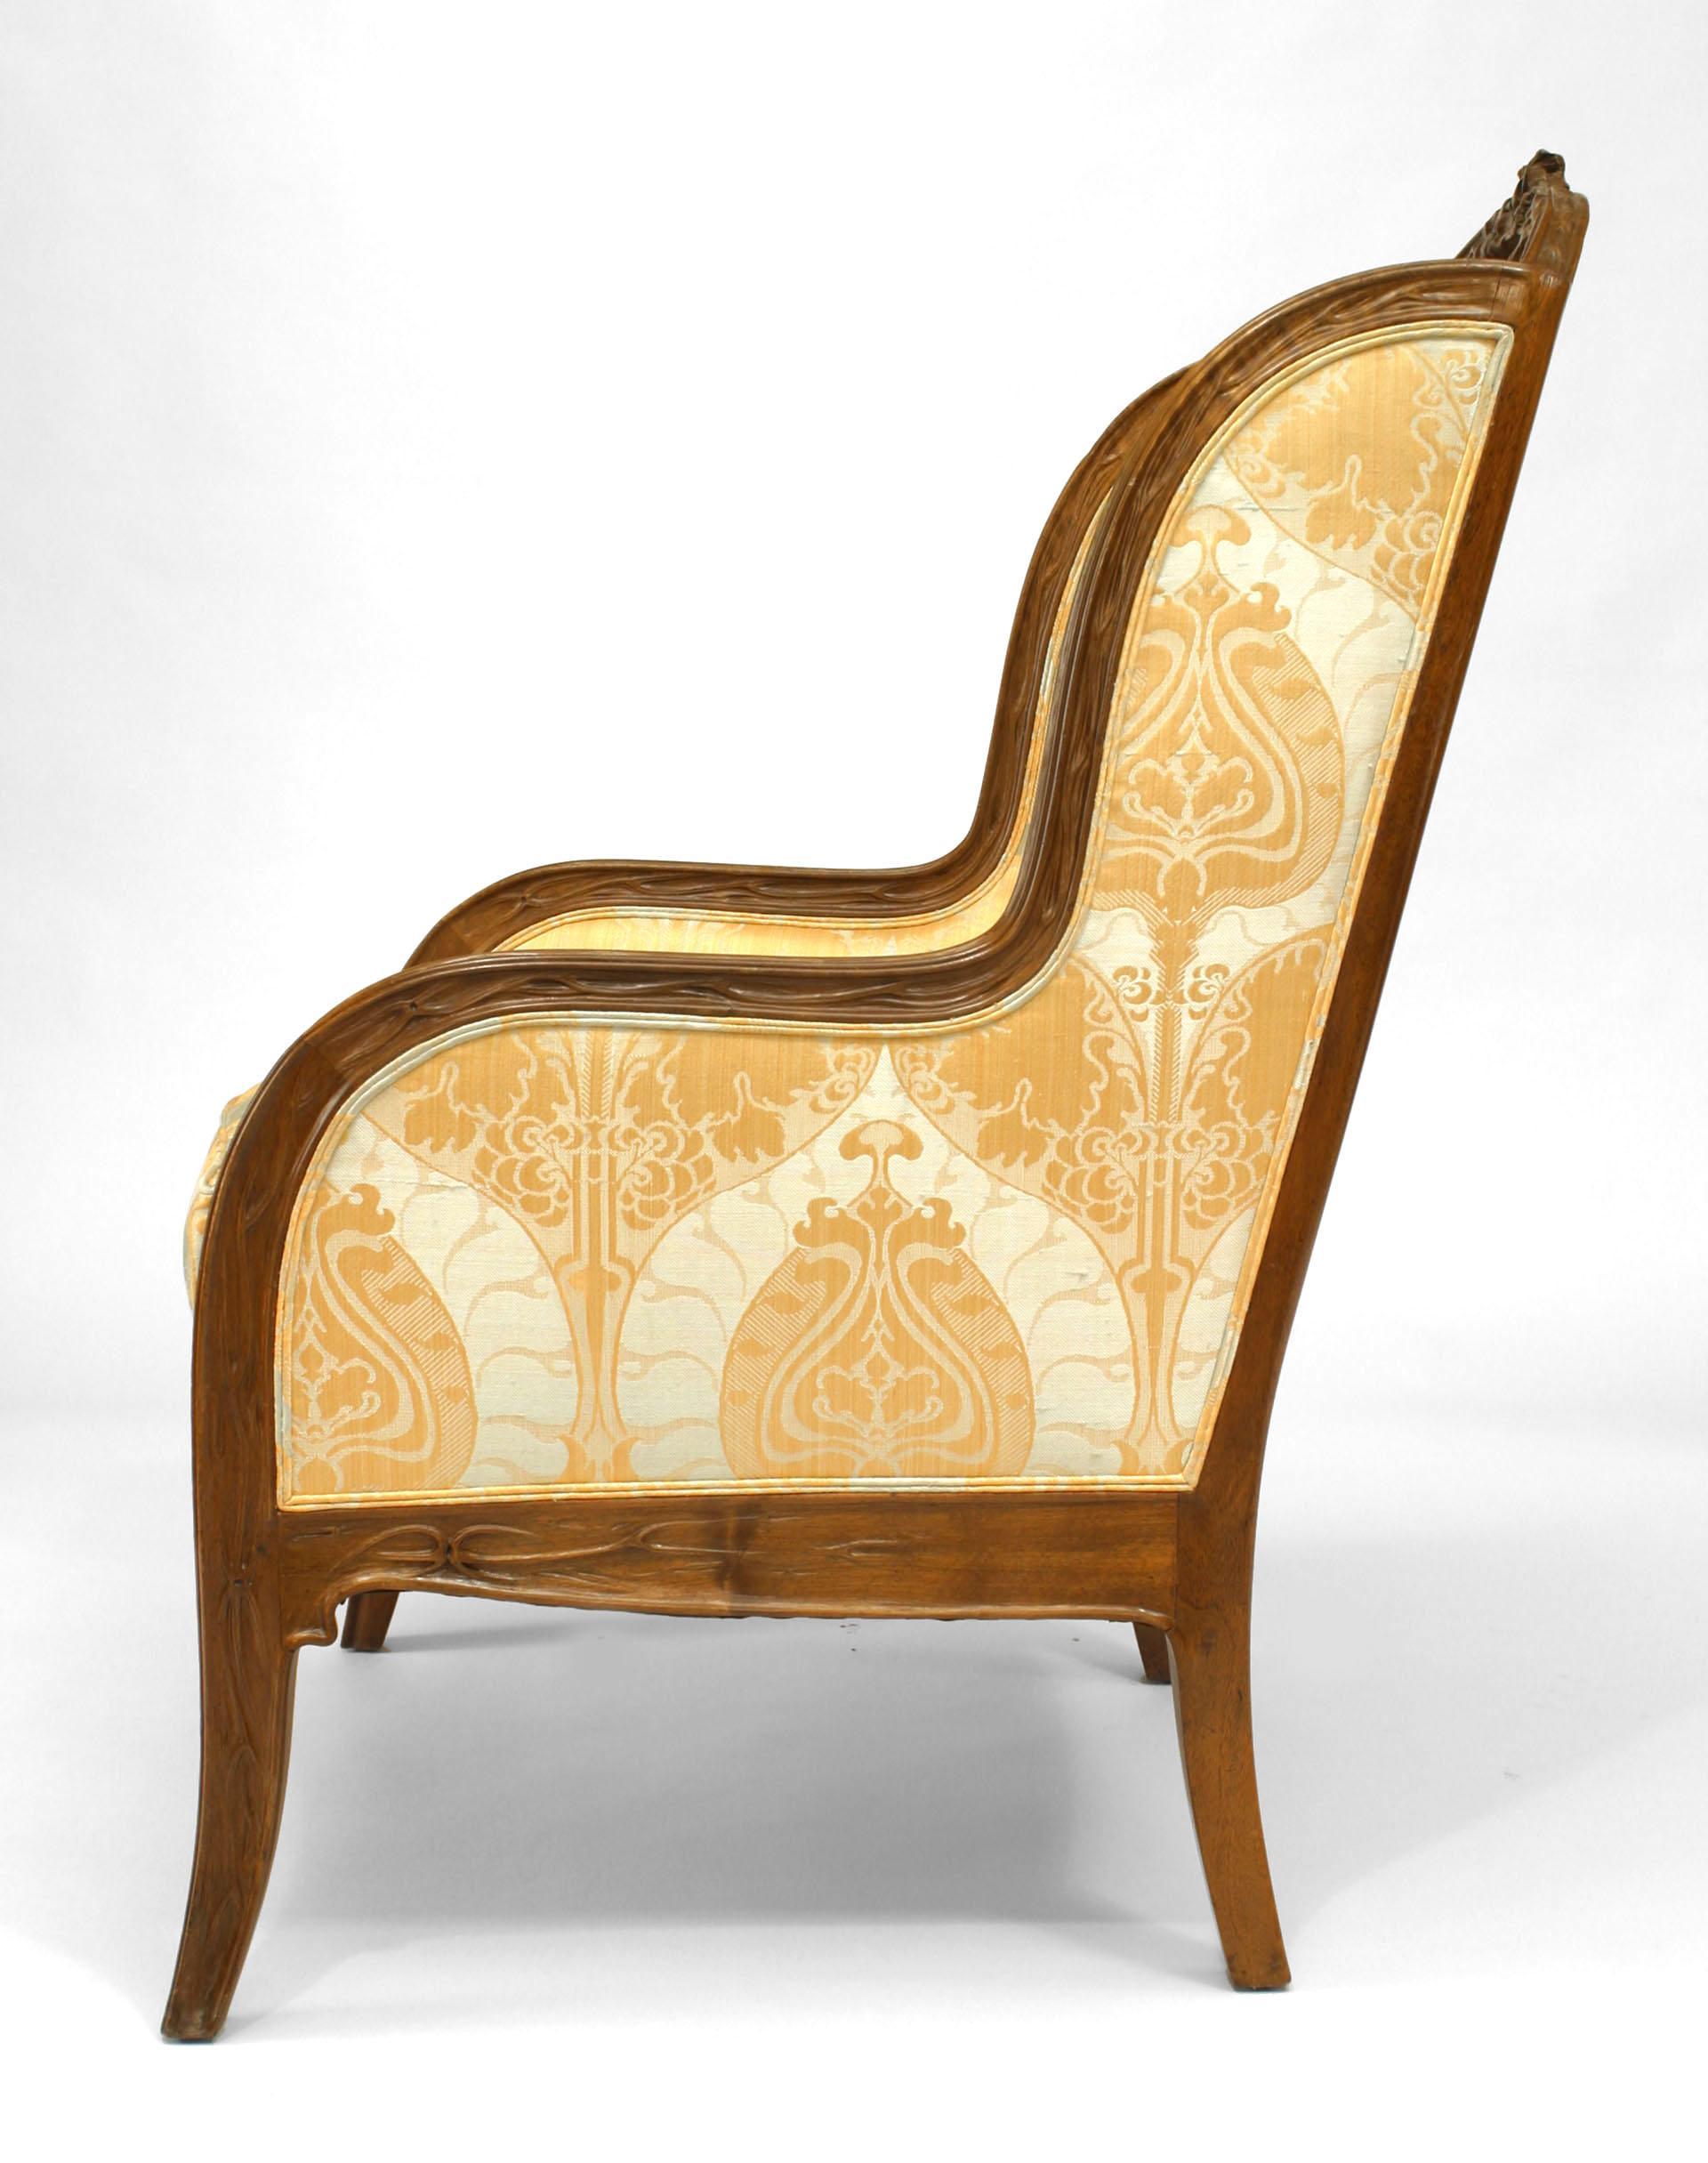 Chaise Style Art Nouveau french art nouveau carved bergere,louis majorelle